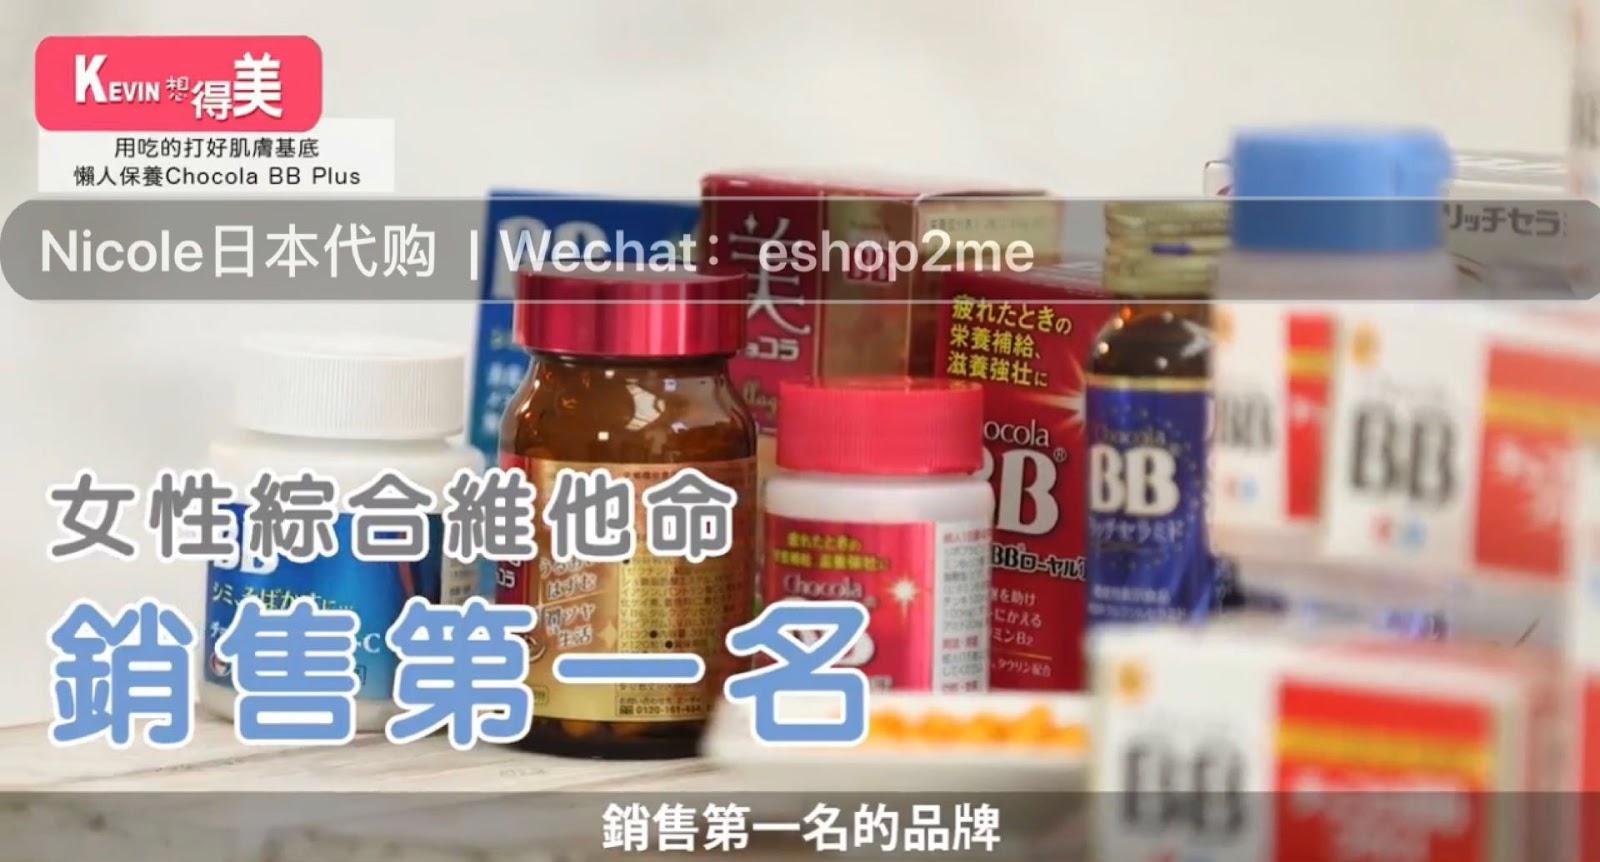 日本必買人氣商品 大力推薦: 日本Chocola BB plus除痘消除疲勞孕婦可吃美肌250粒